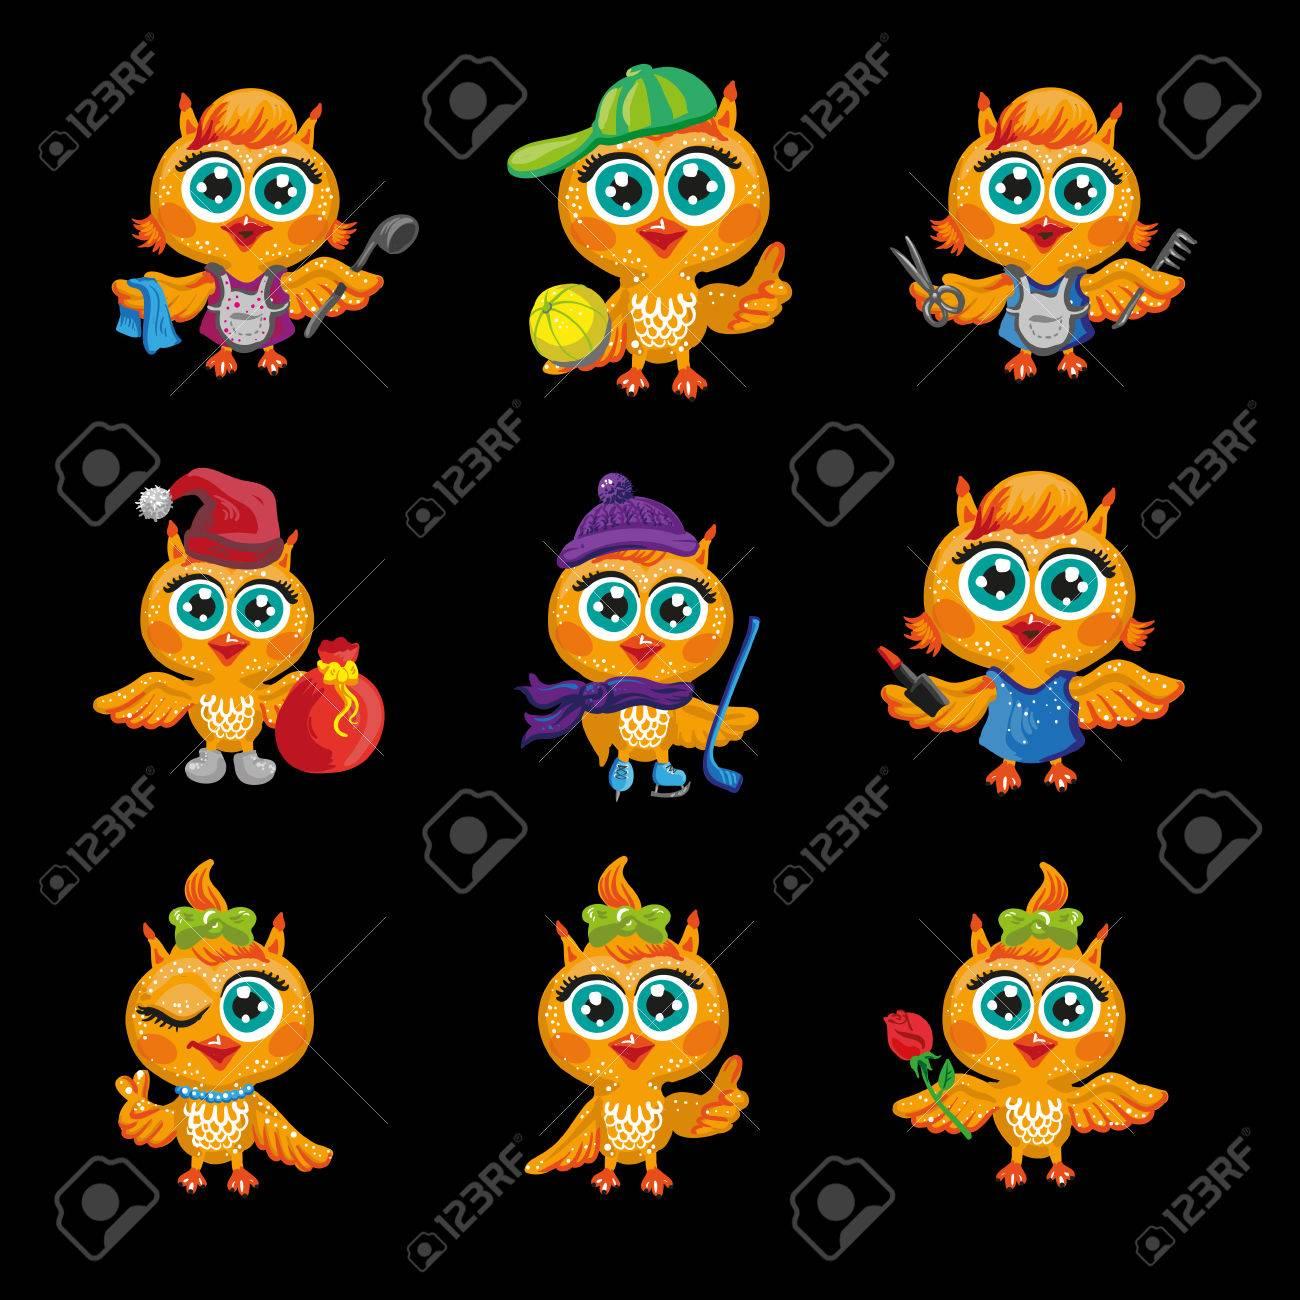 Vector Conjunto De Los Búhos Lindos Personajes De Dibujos Animados